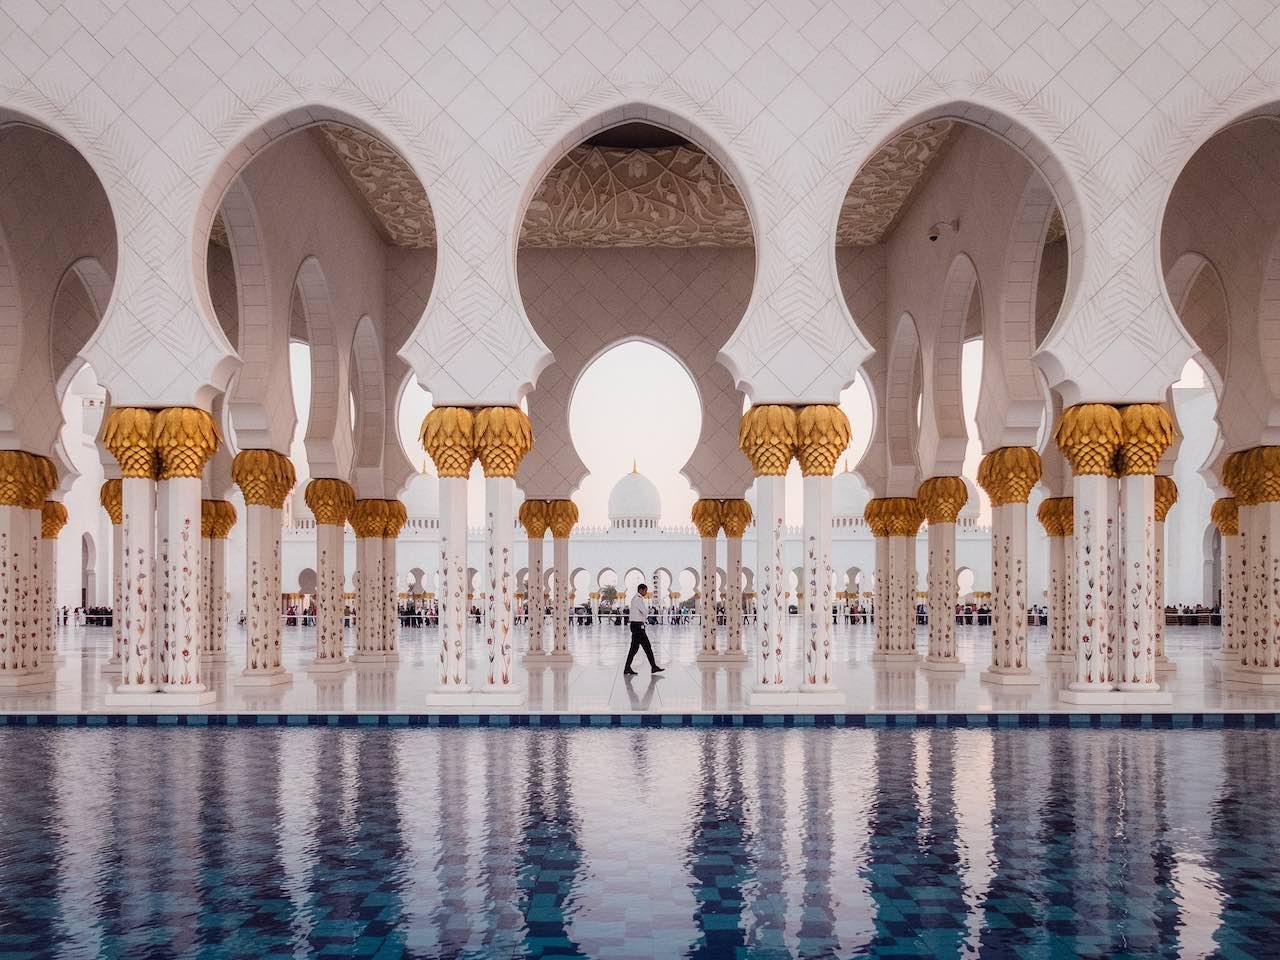 Sheikh Zayed Grand Mosque | Photo: Junhan Foong